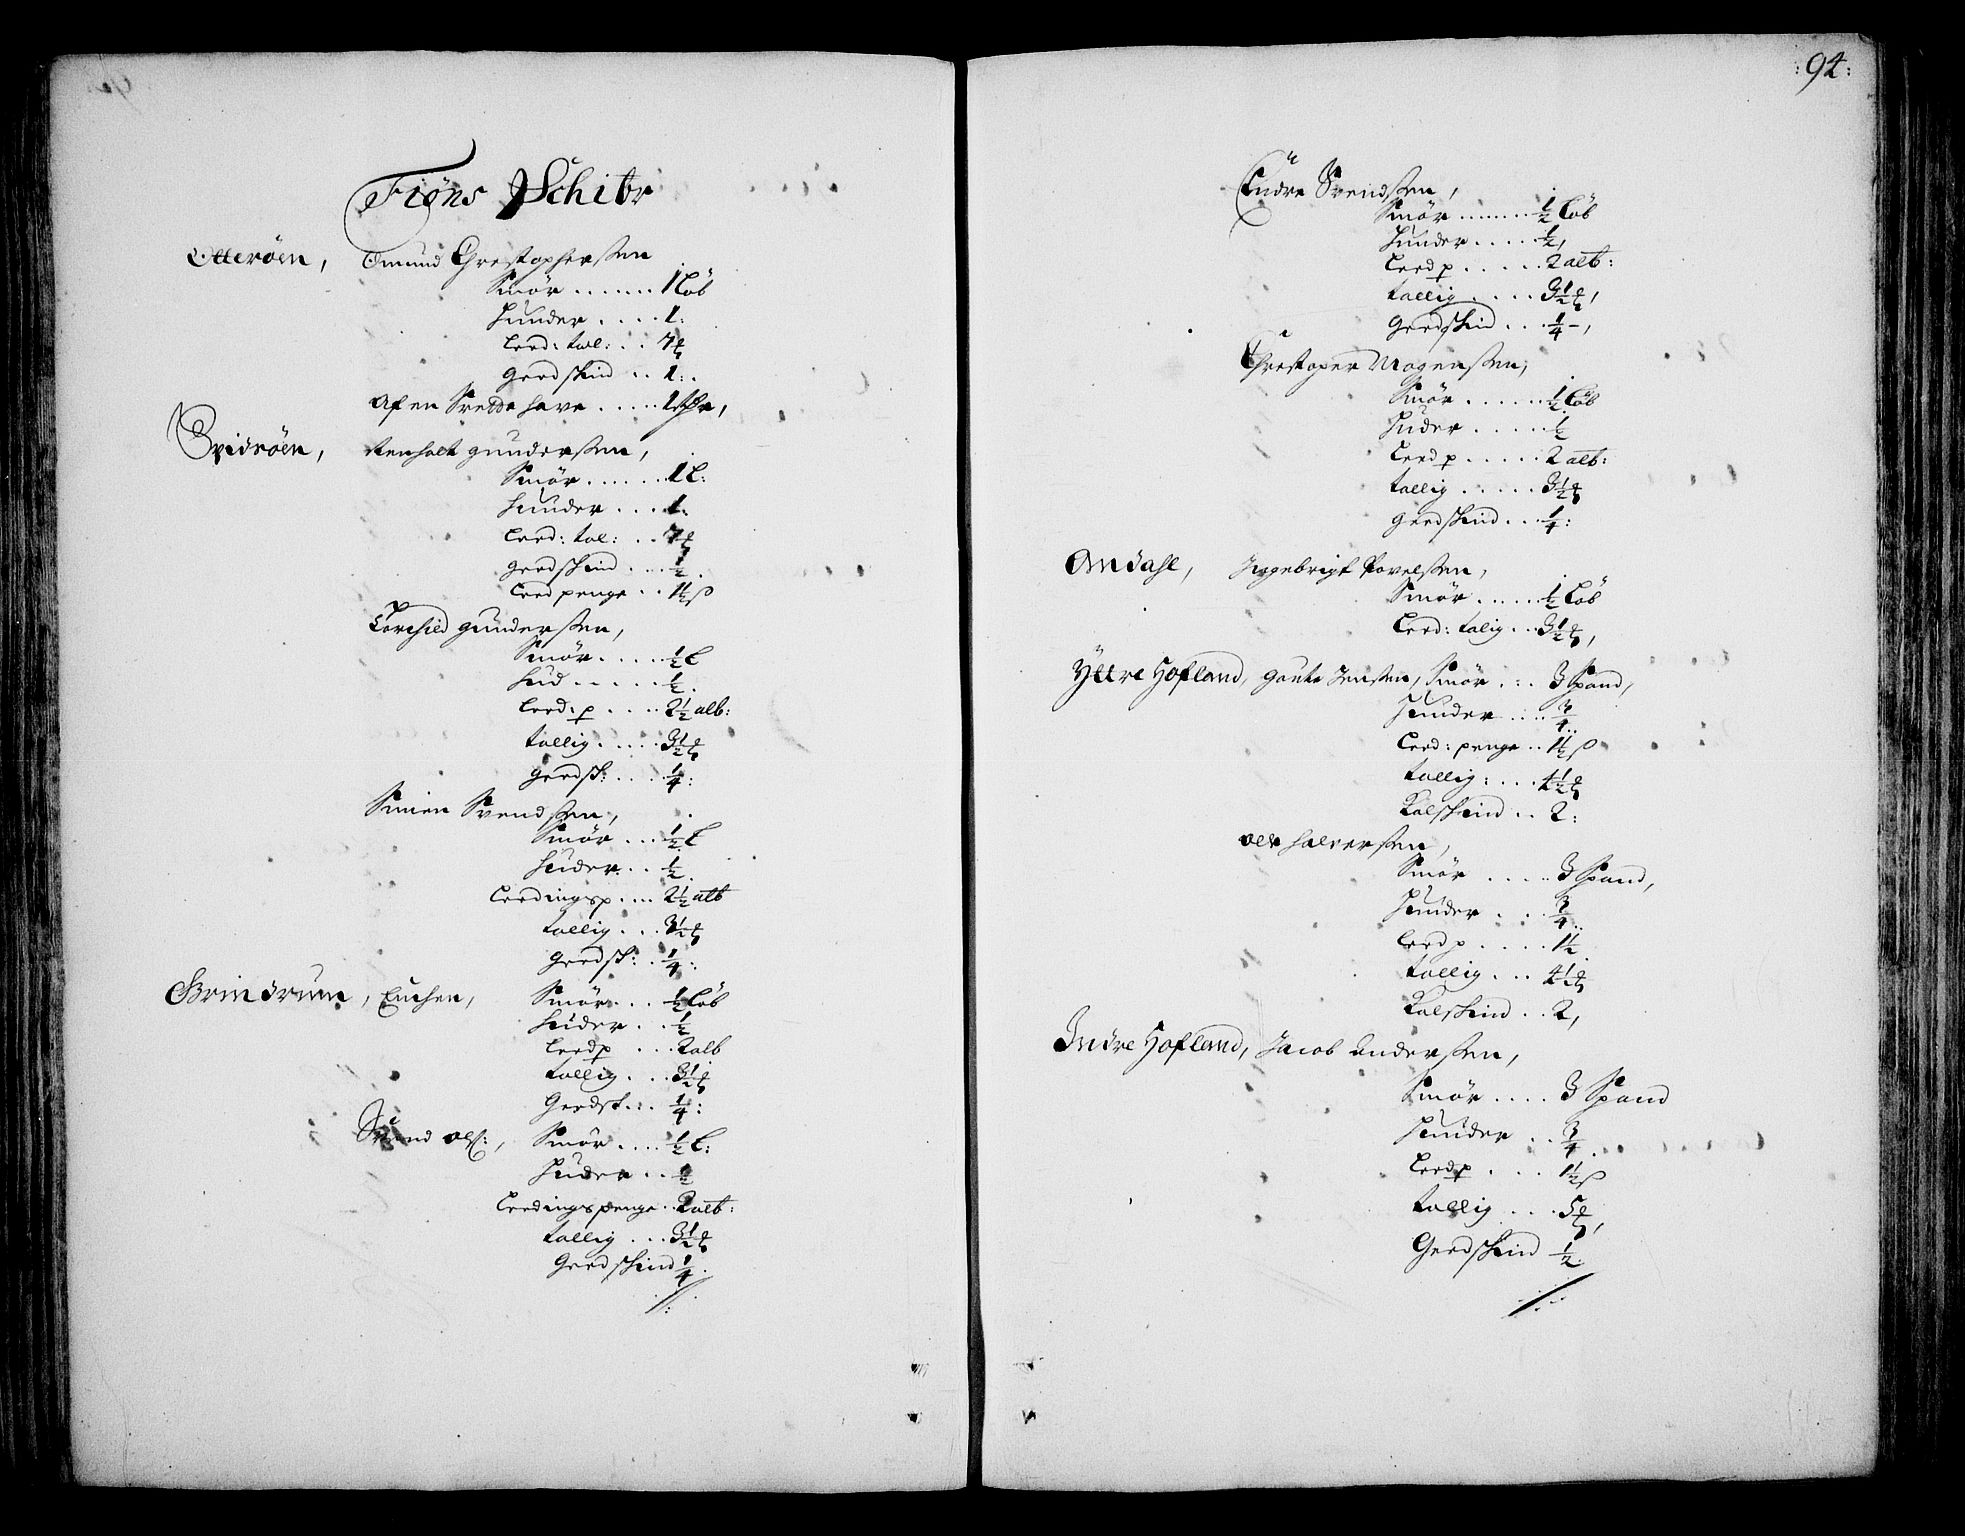 RA, Rentekammeret inntil 1814, Realistisk ordnet avdeling, On/L0002: [Jj 3]: Besiktigelsesforretninger over Halsnøy klosters gods, 1659-1703, s. 93b-94a